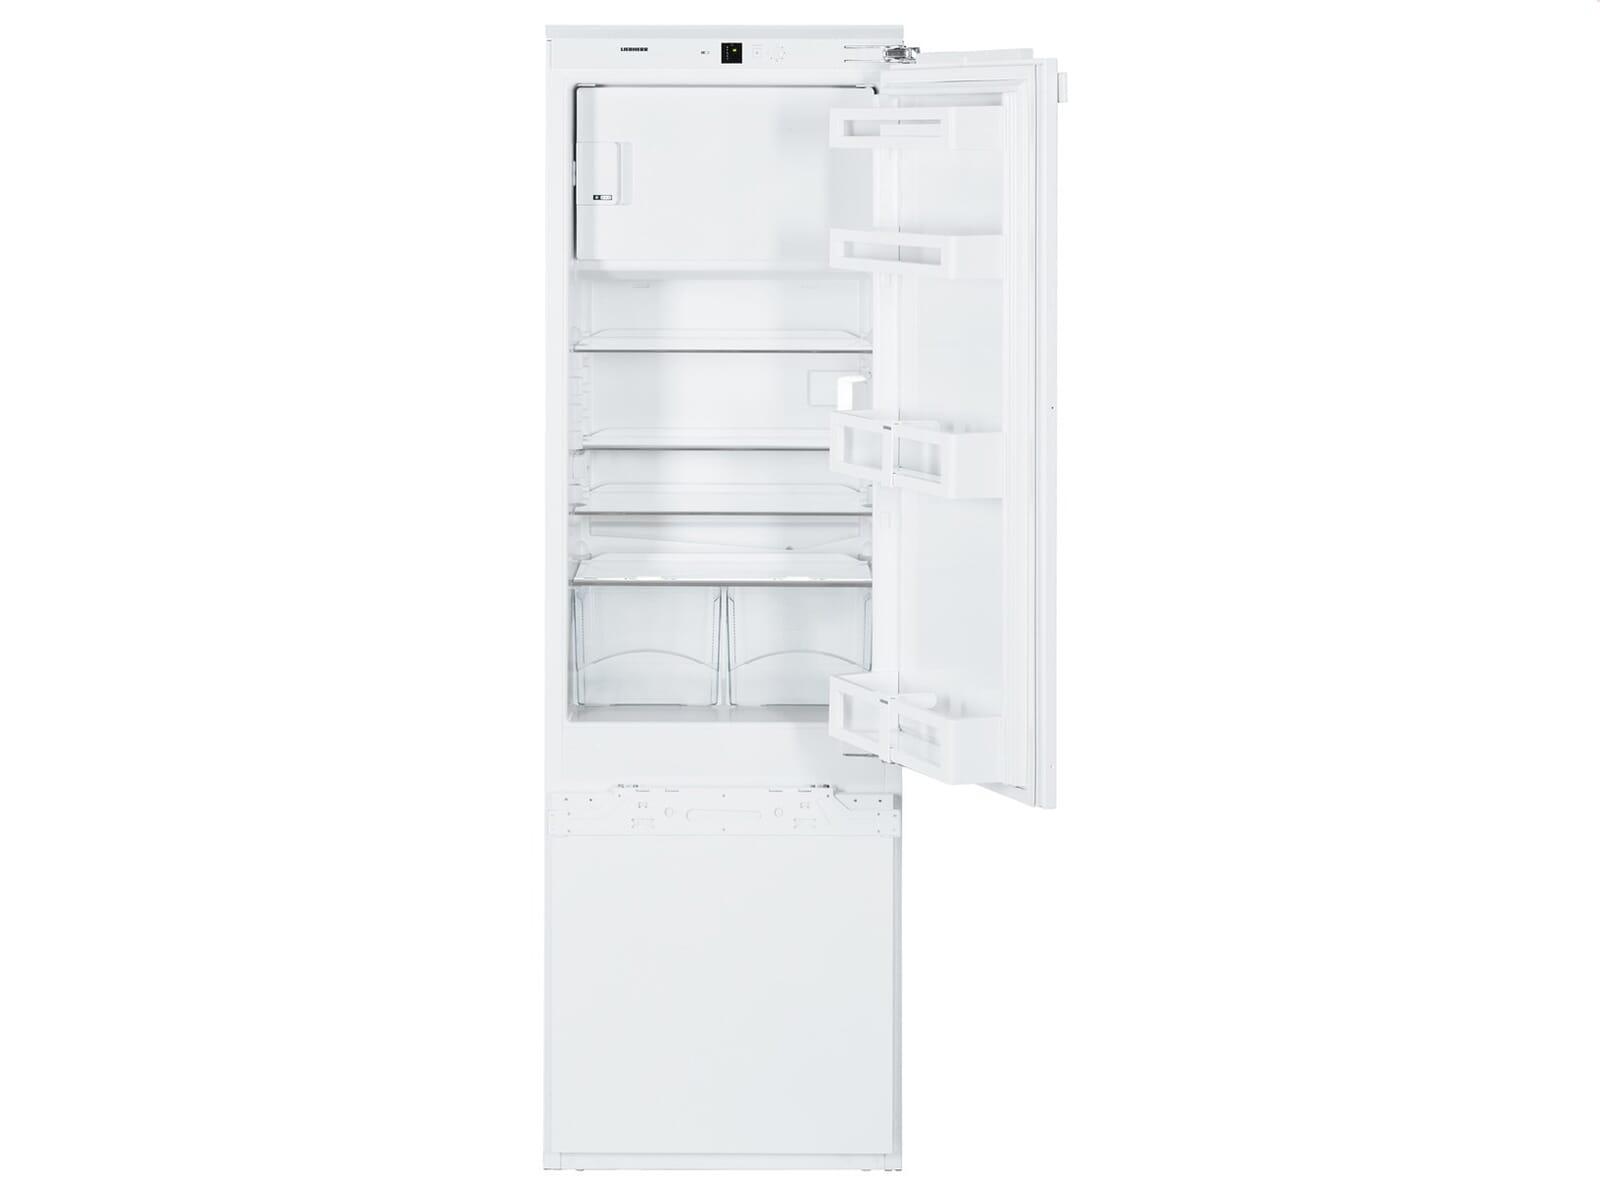 Kühlschrank Mit Kellerfach Bosch : Liebherr ikv 3224 comfort einbaukühlschrank mit kellerfach und